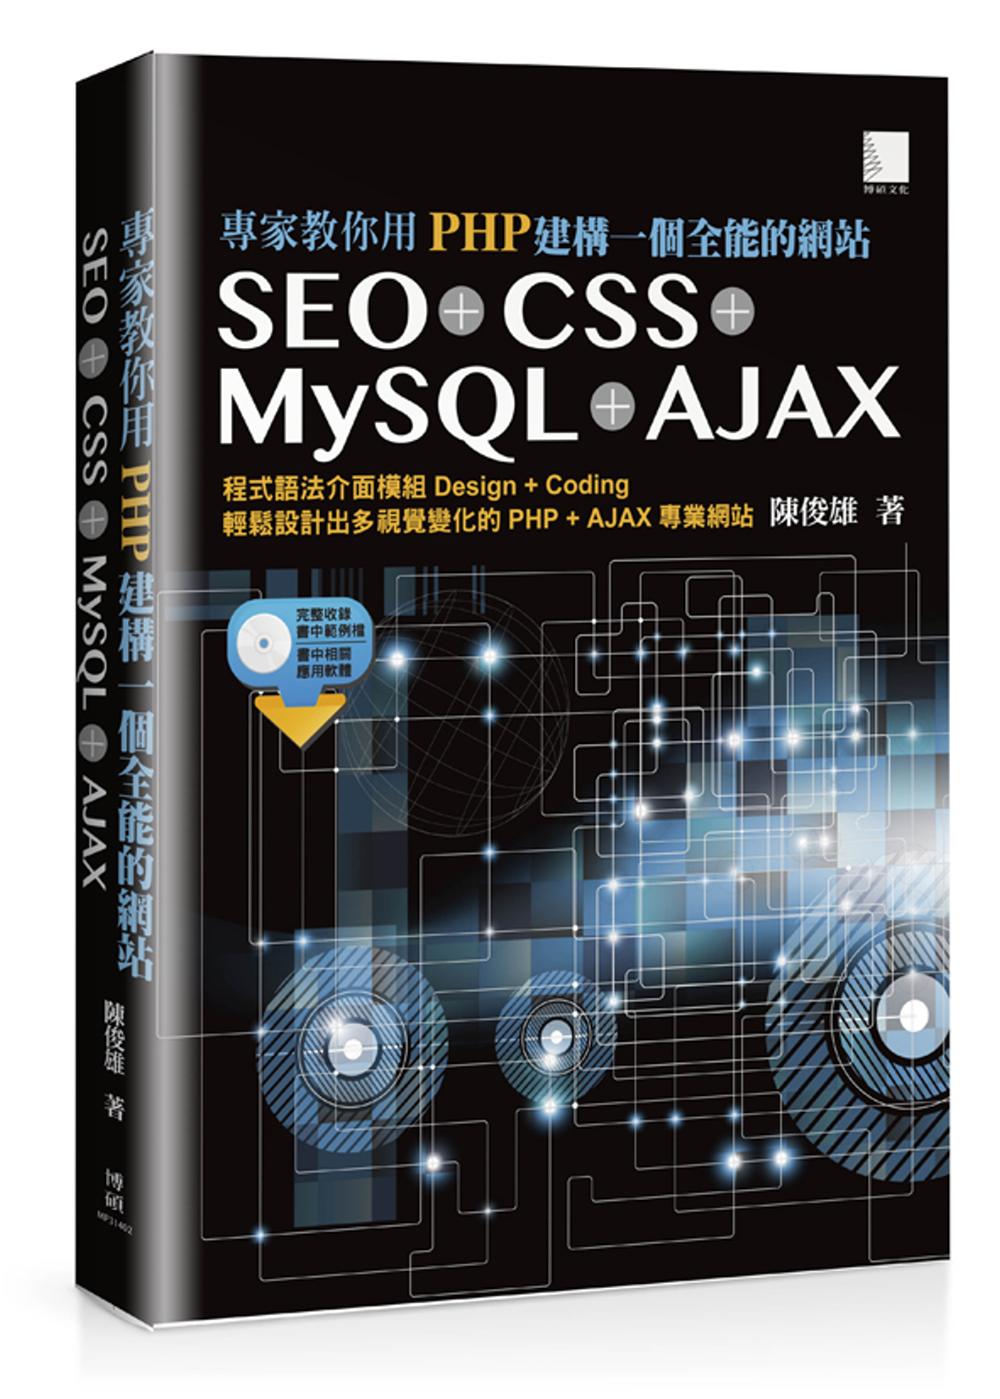 專家教你用PHP建構一個全能的網站:SEO + CSS + MySQL + AJAX